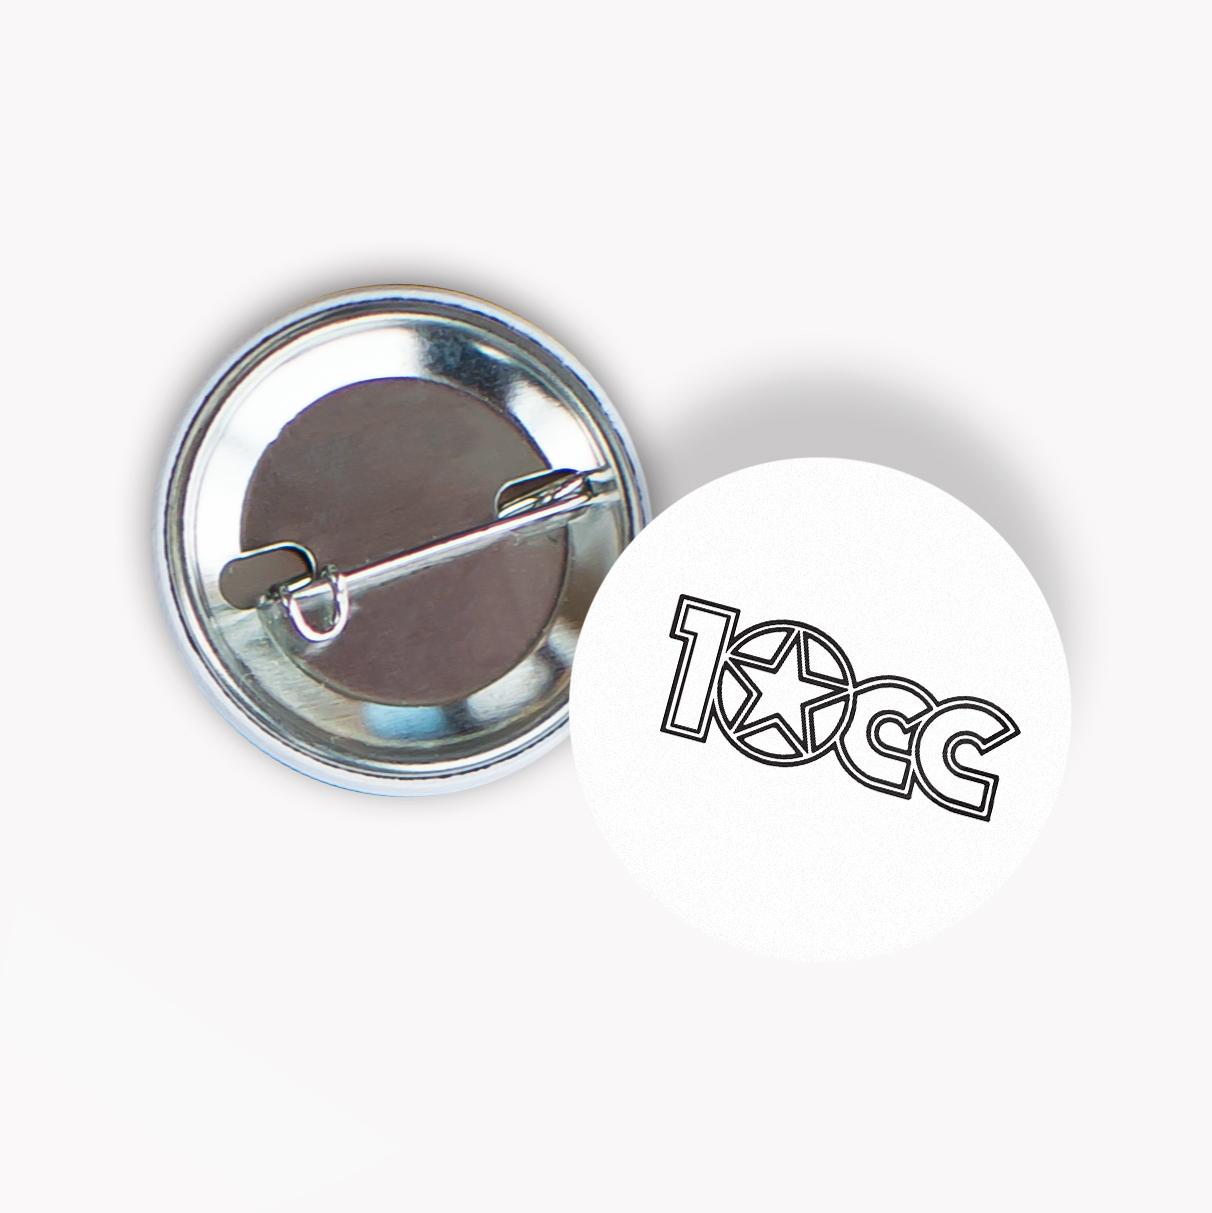 10cc Badge - 10CC